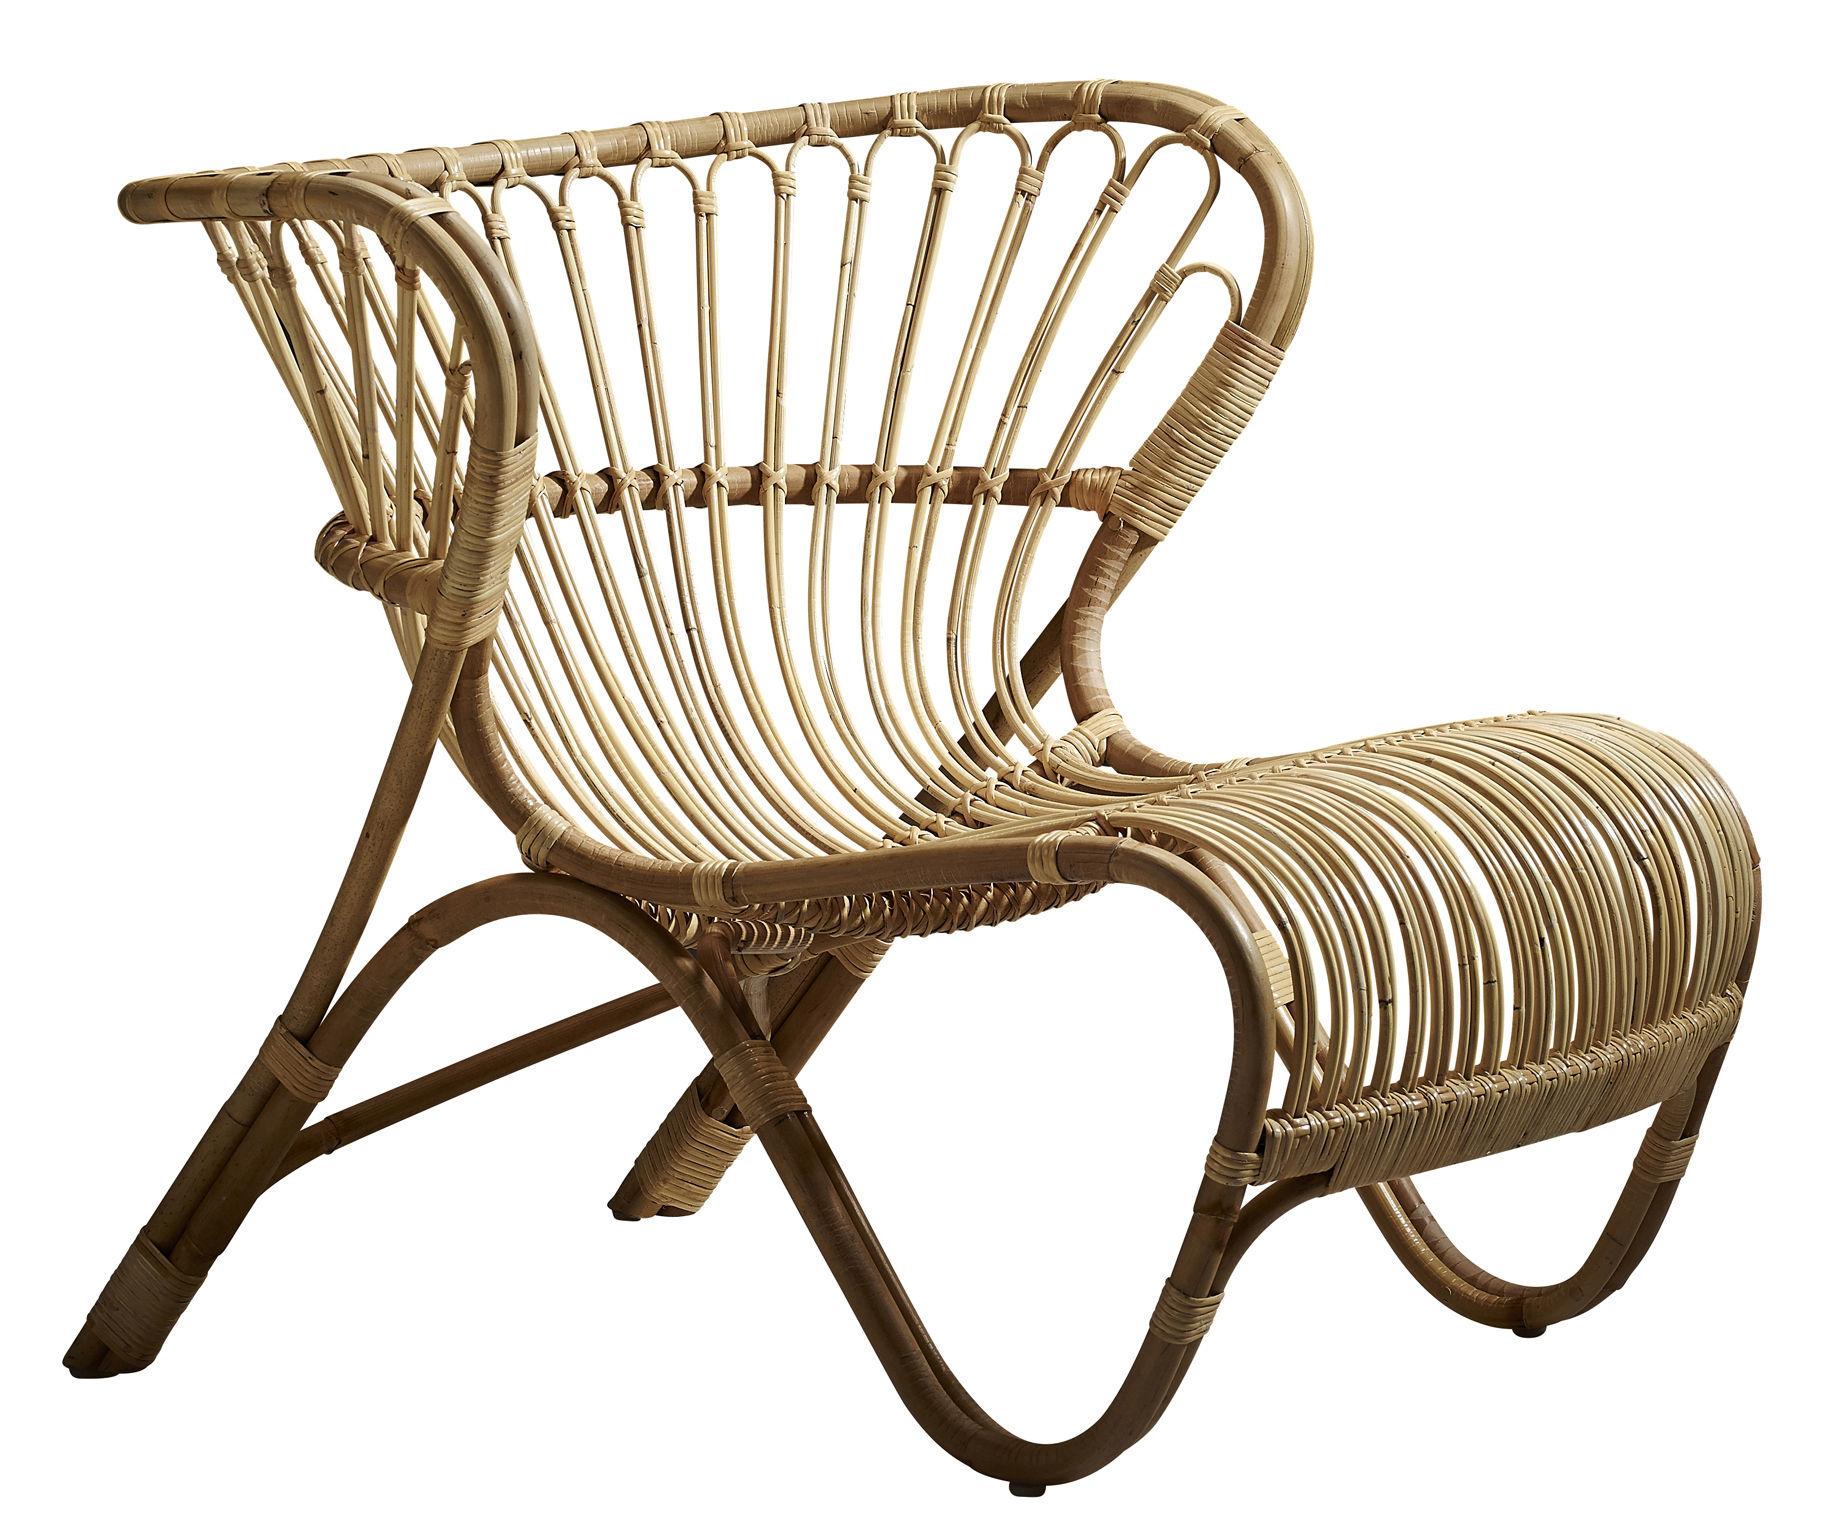 Arredamento - Poltrone design  - Poltrona Fox Lounge - / Riedizione 1936 di Sika Design - Naturale - Midollino